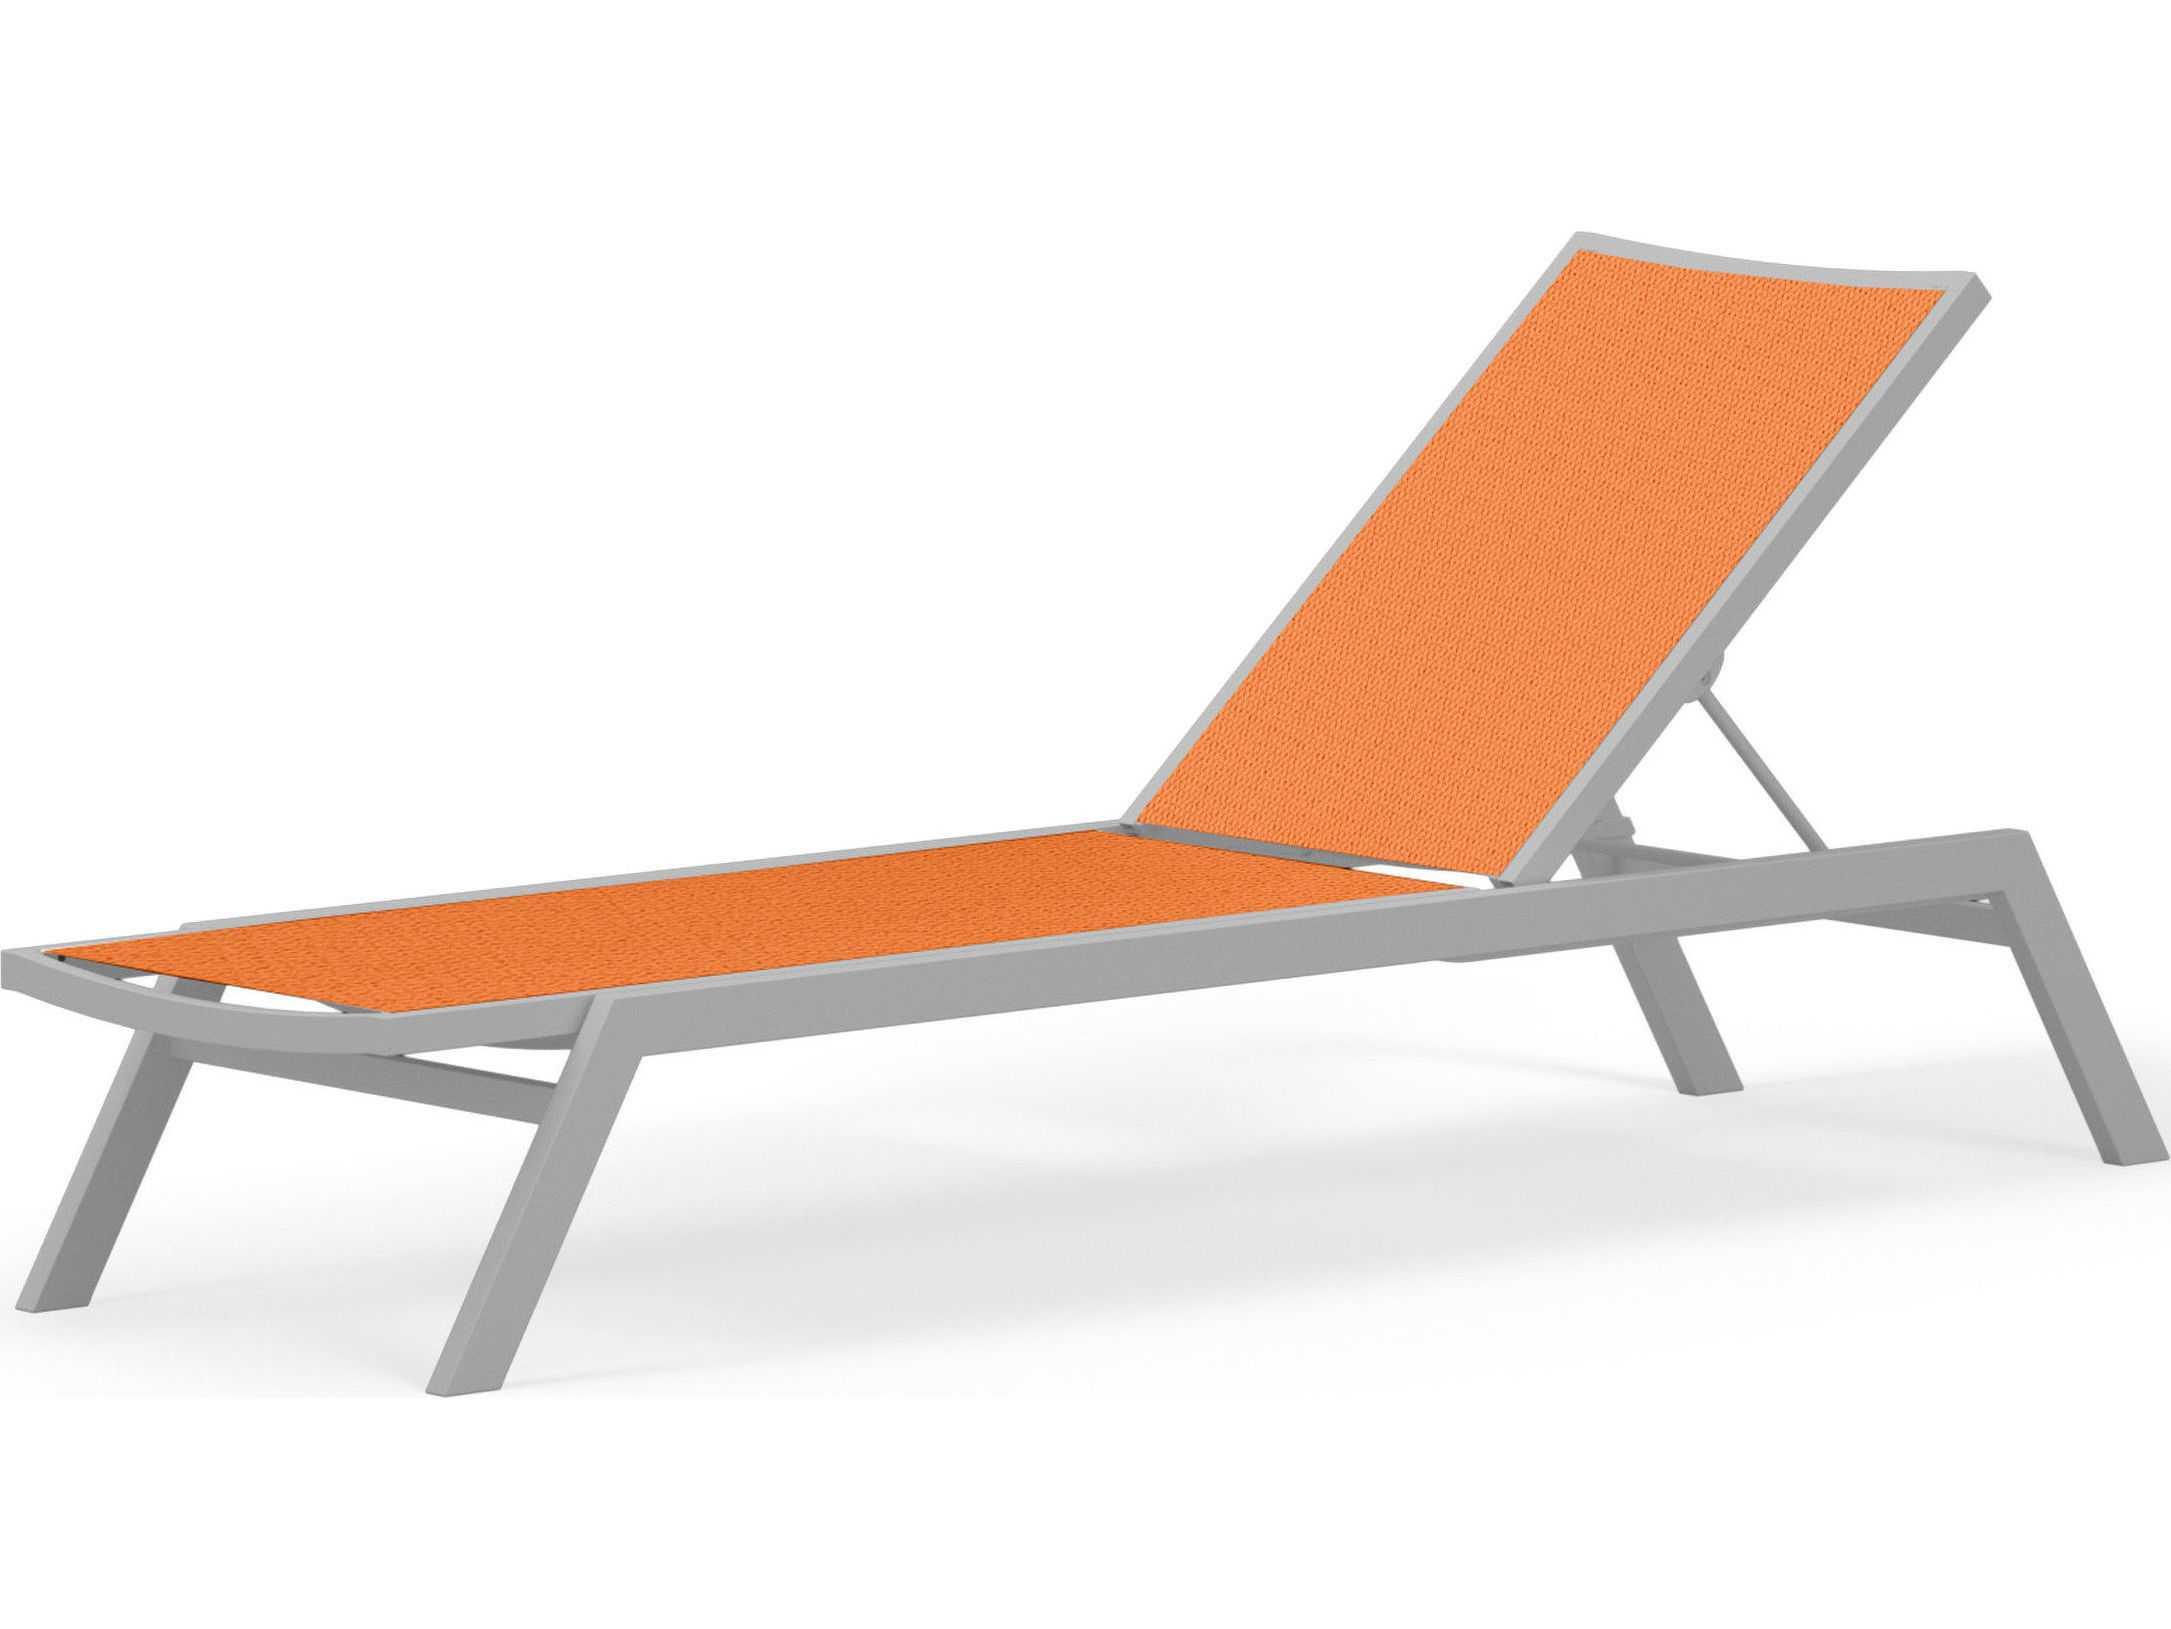 Polywood bayline sling aluminum chaise lounge ac190 for Aluminum sling chaise lounge